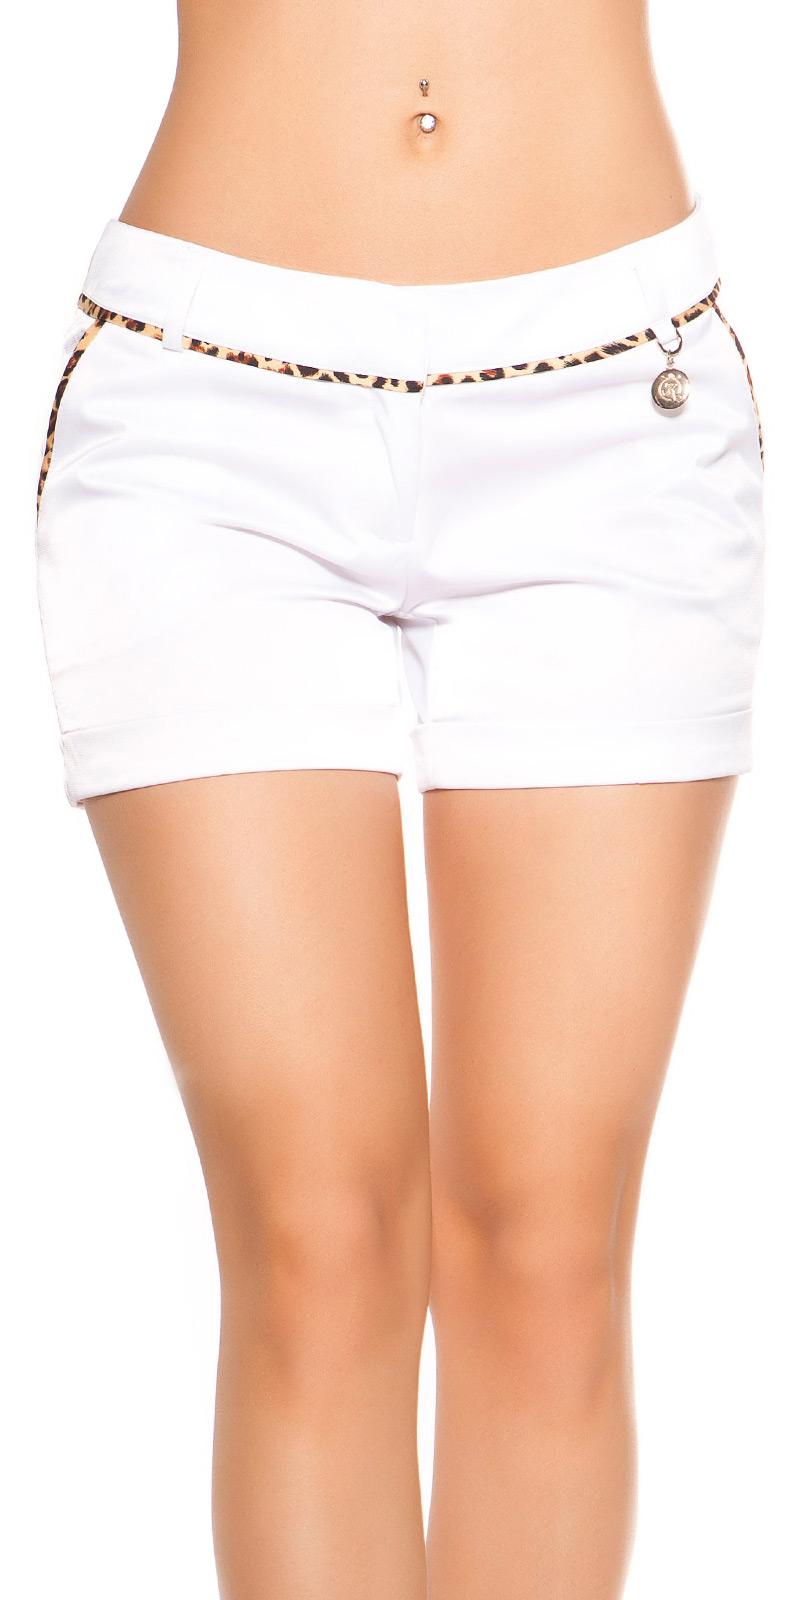 Pantaloni sexy Hot cu cu detaliu model leopard